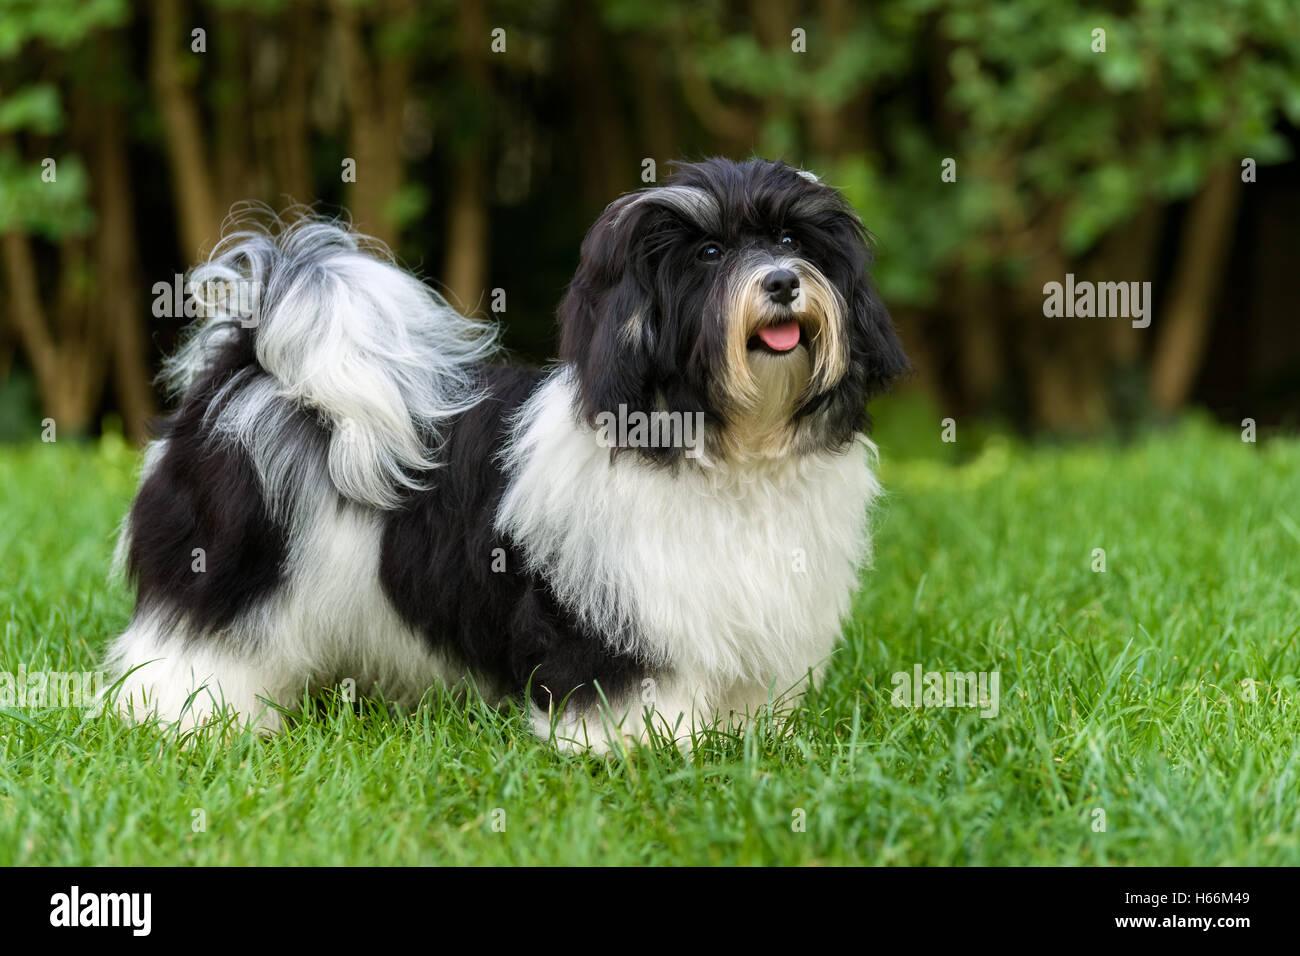 Glücklich Kleine Schwarze Und Weiße Havaneser Welpen Hund Steht In